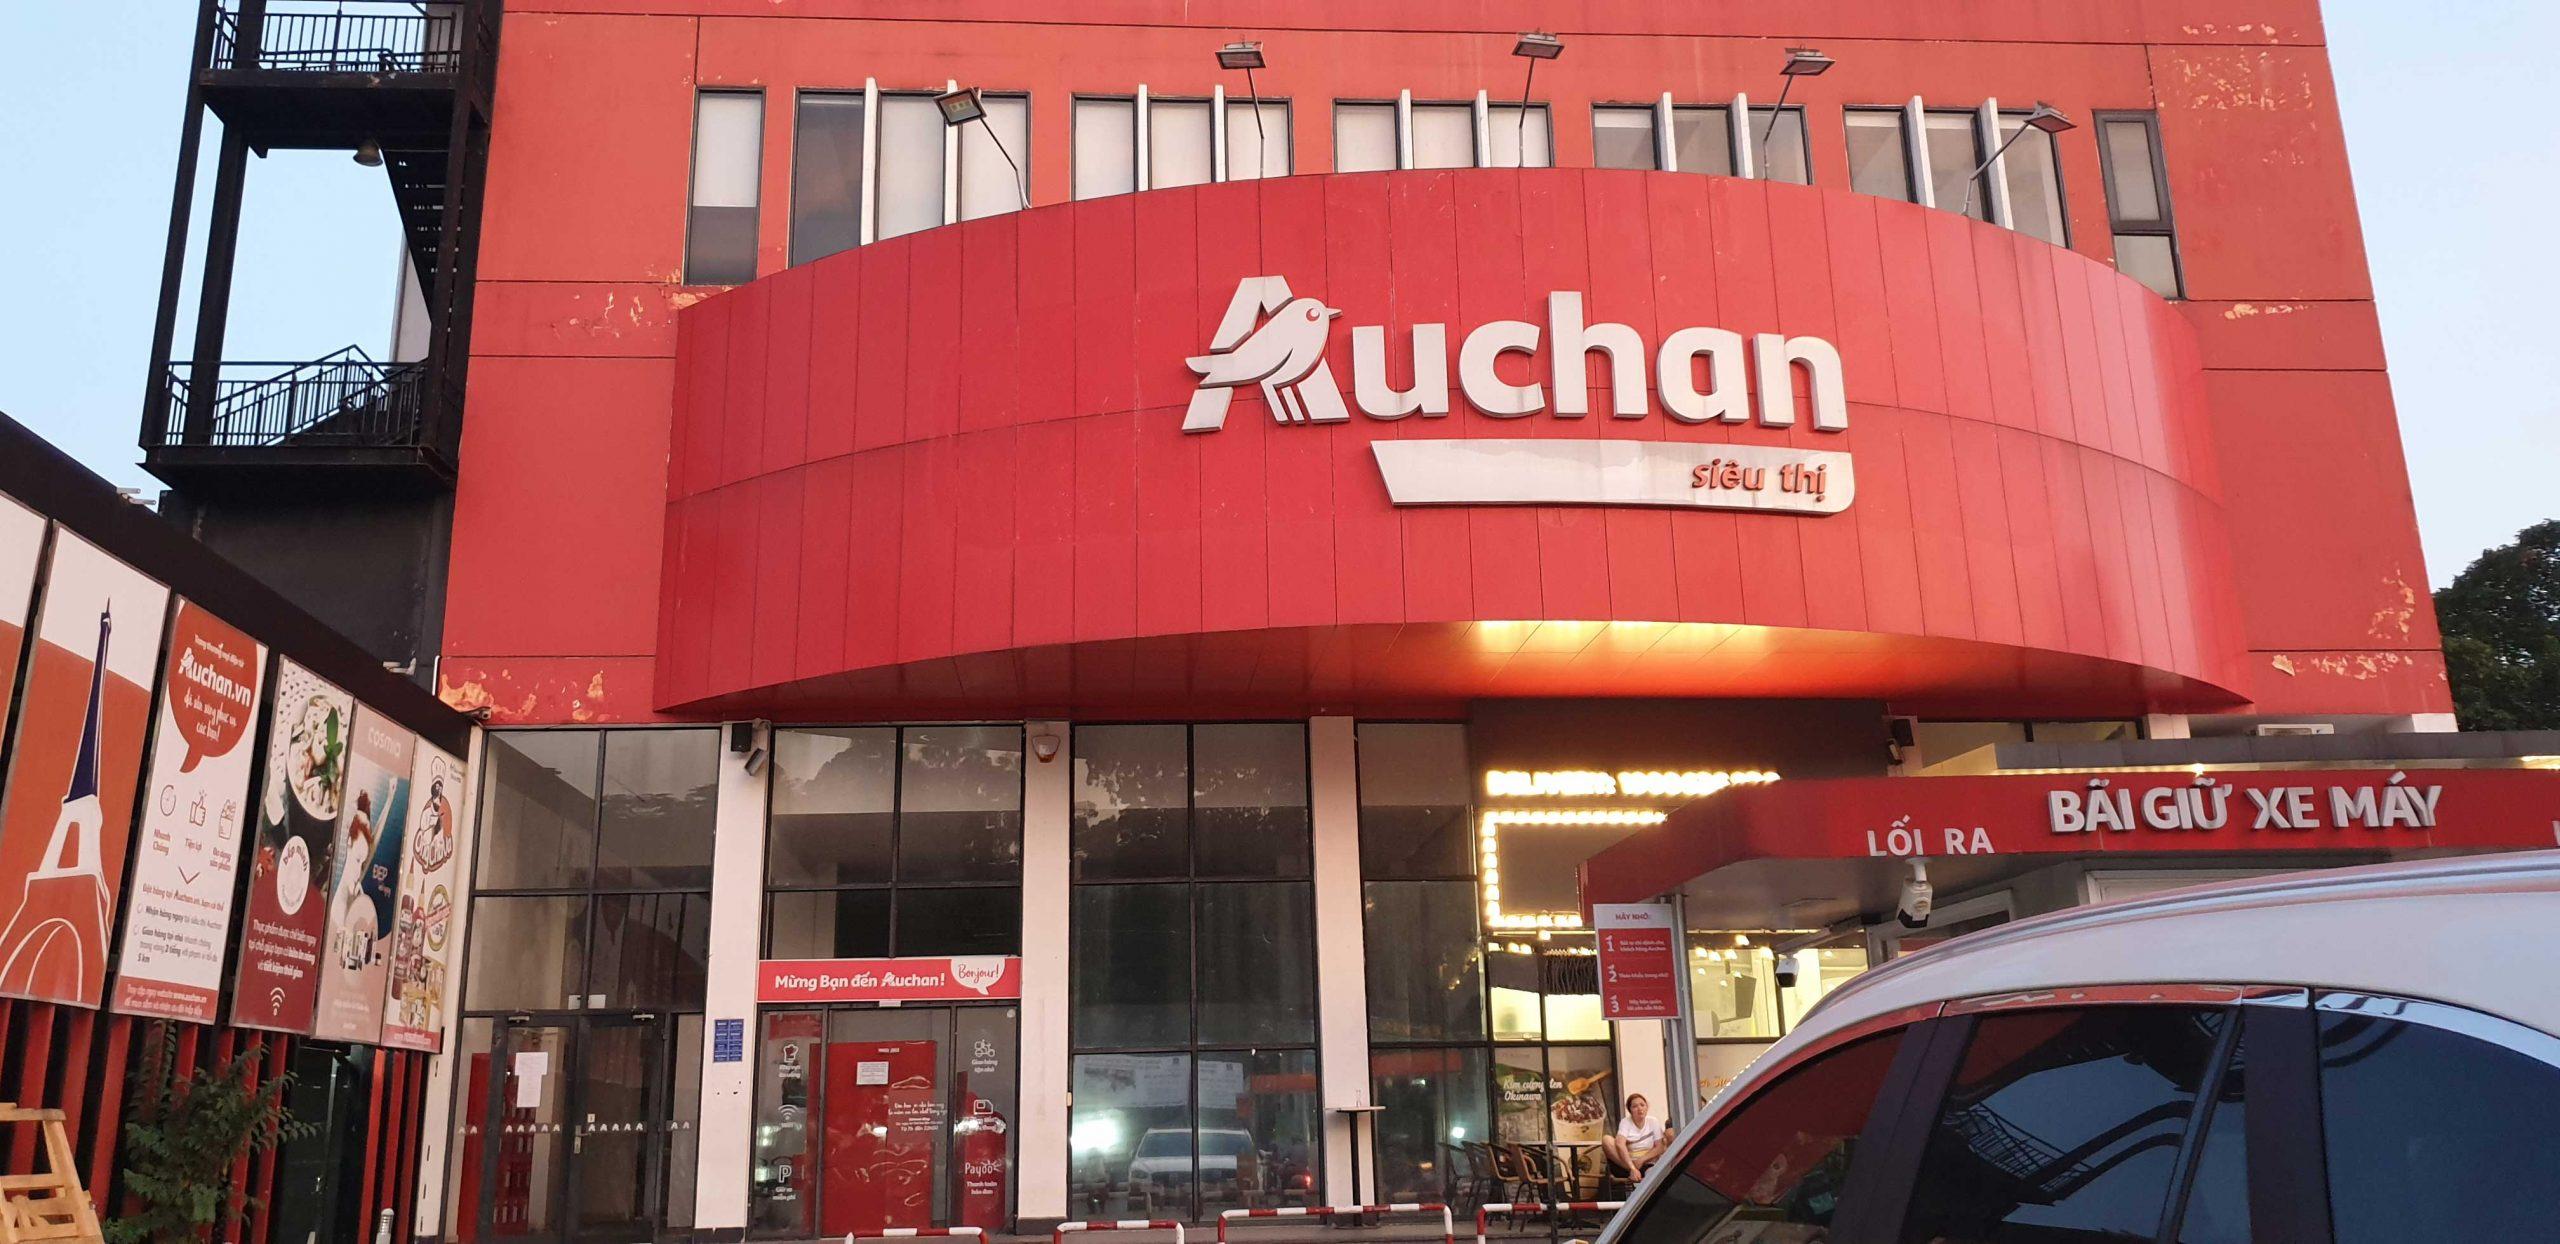 Thanh lý máy lạnh trung tâm siêu thị Auchan